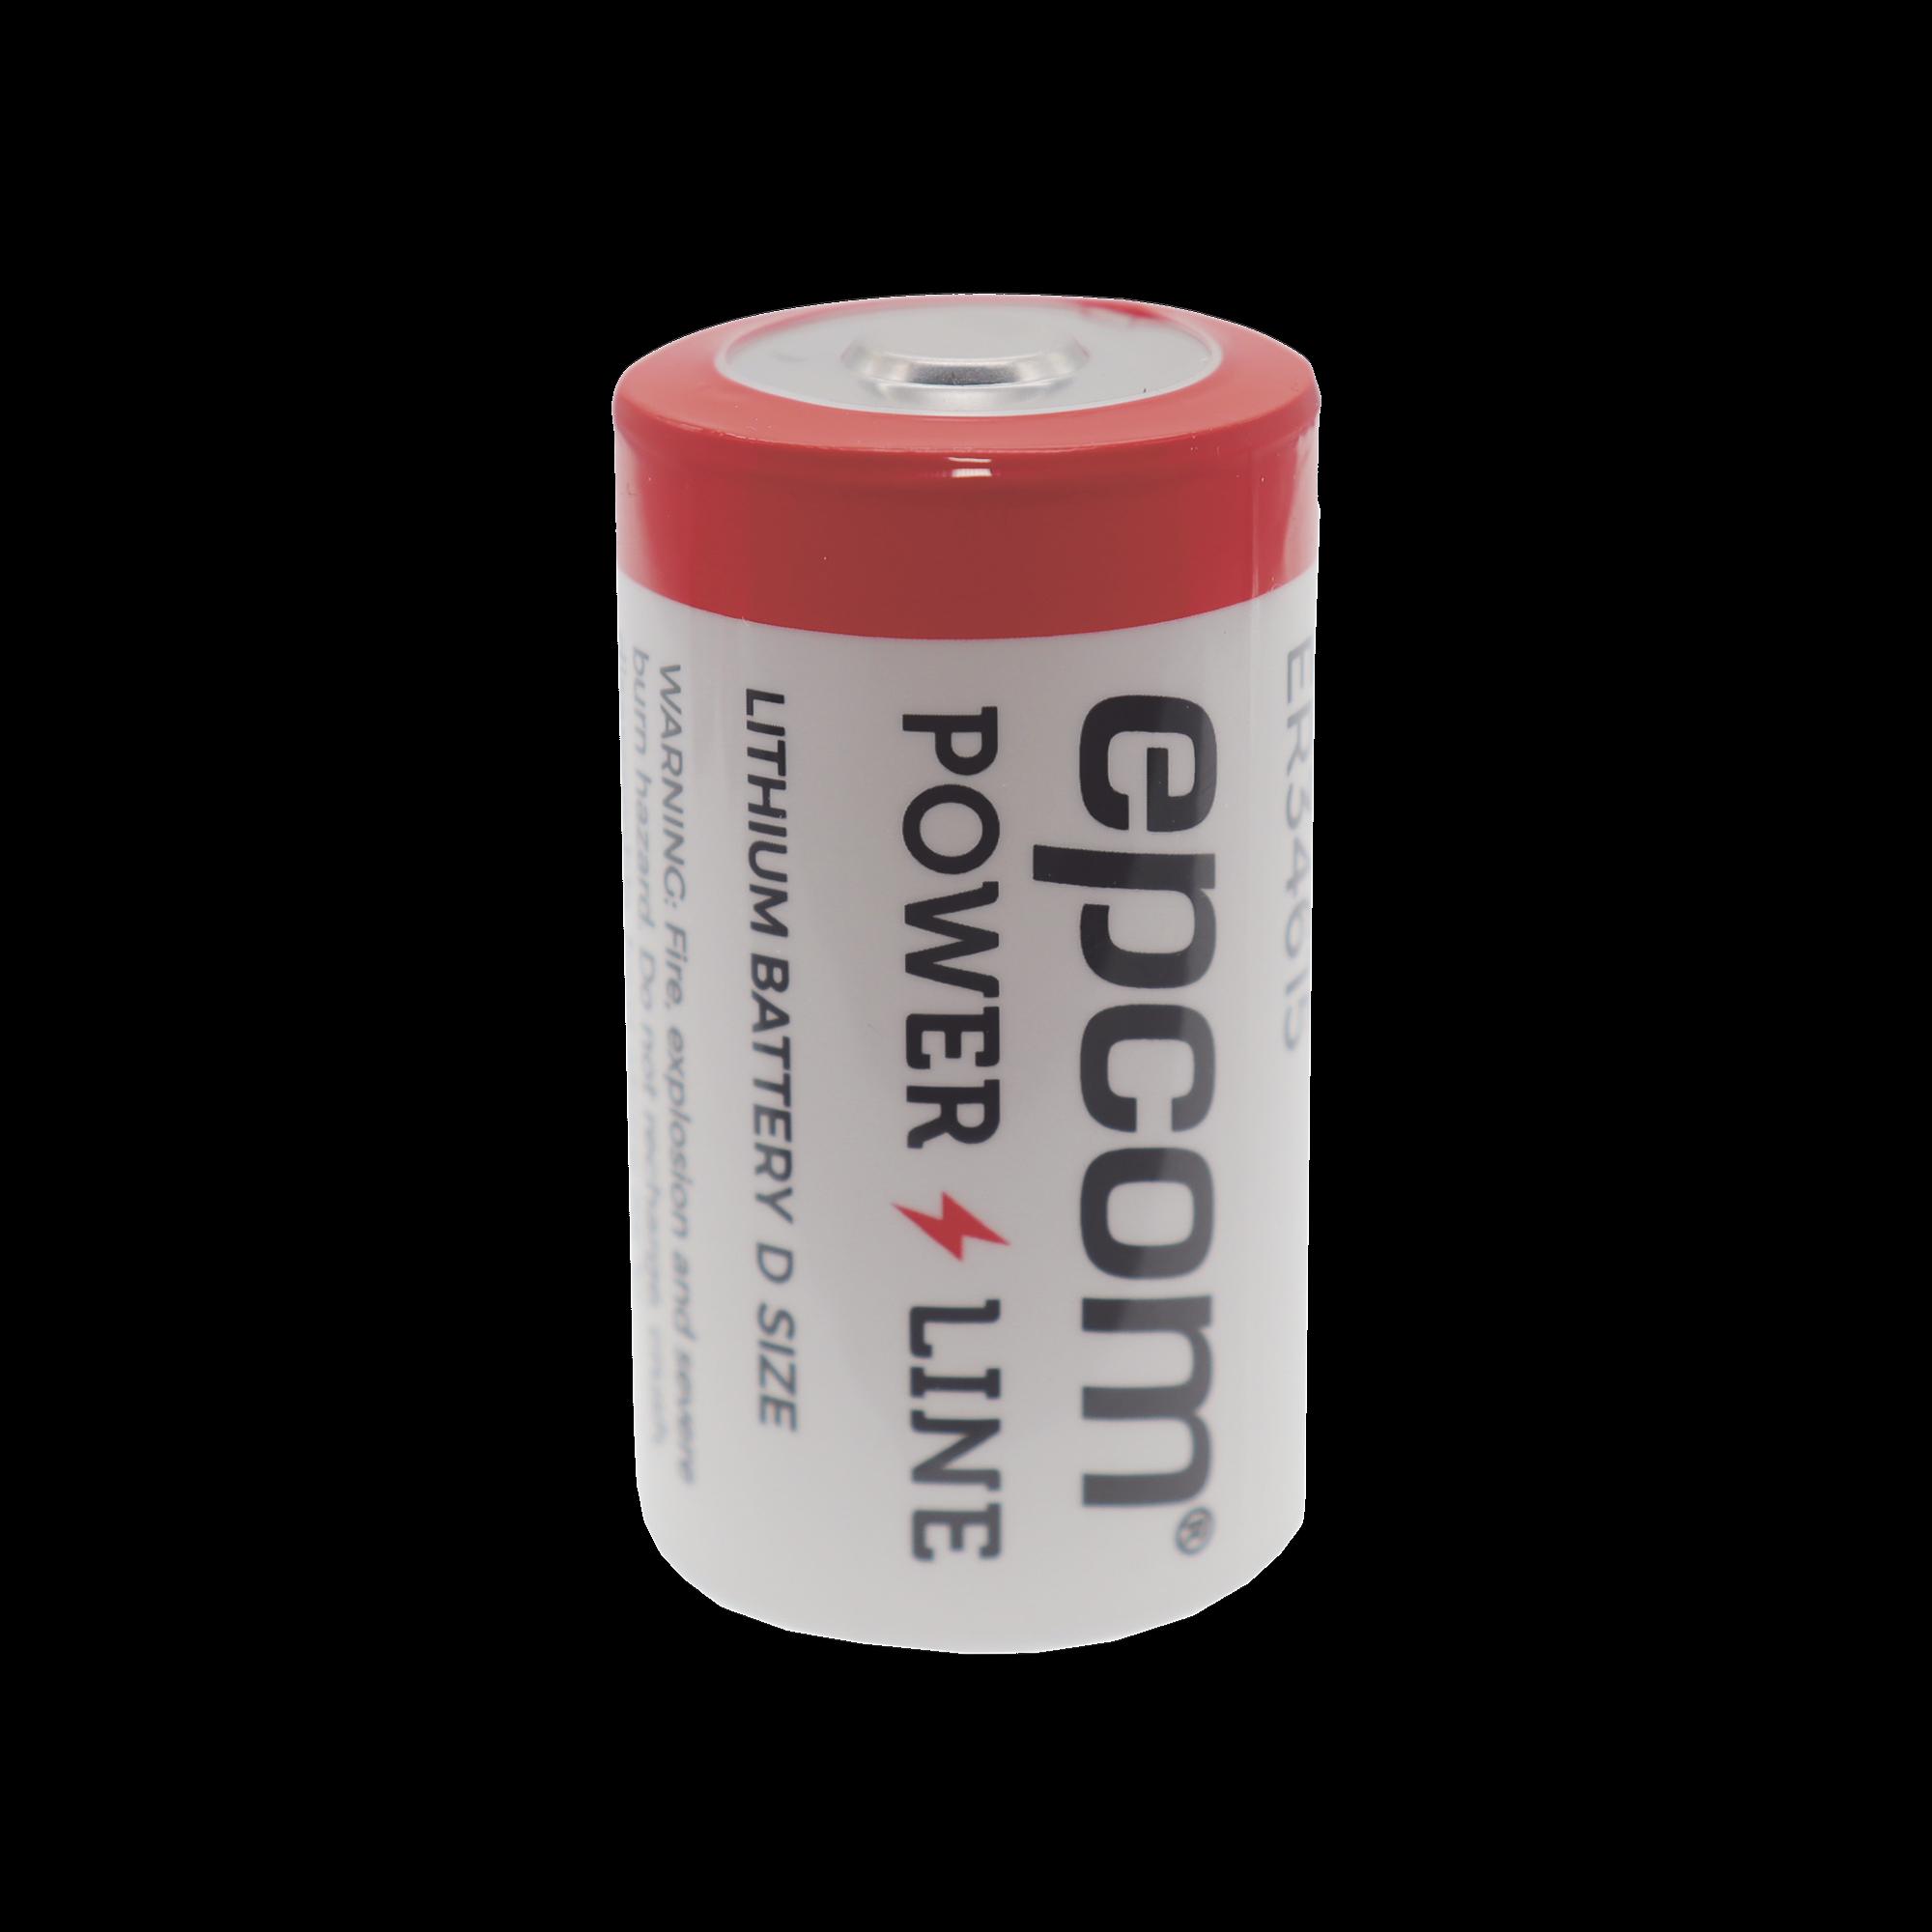 Bateria de 3.6V a 19Ah Li-SOCI2 Tamaño D ( Batería no recargable )